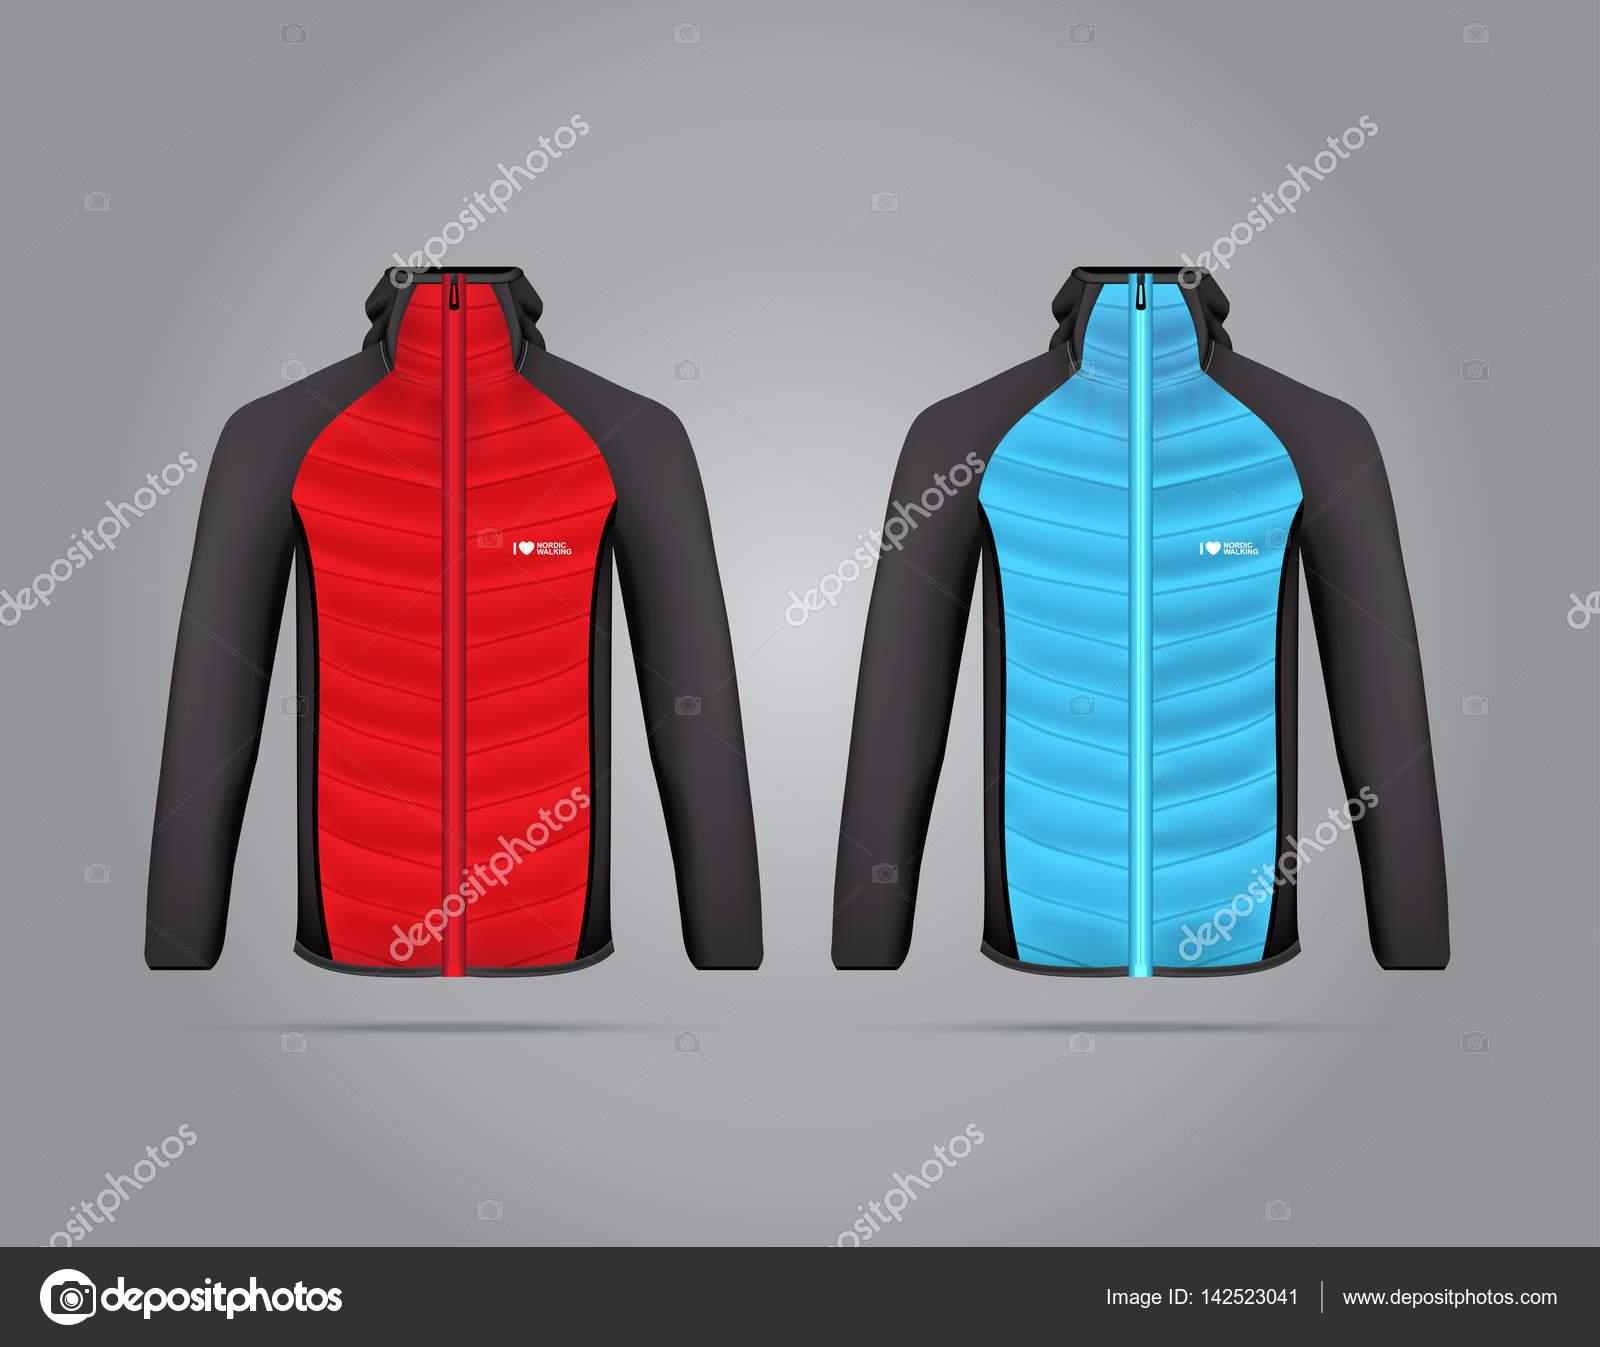 Векторна ілюстрація Куртки зимові види спорту. Реалістичний ілюстрація  костюм для зимових видів спорту — Вектор від messer16 d3876c7136715